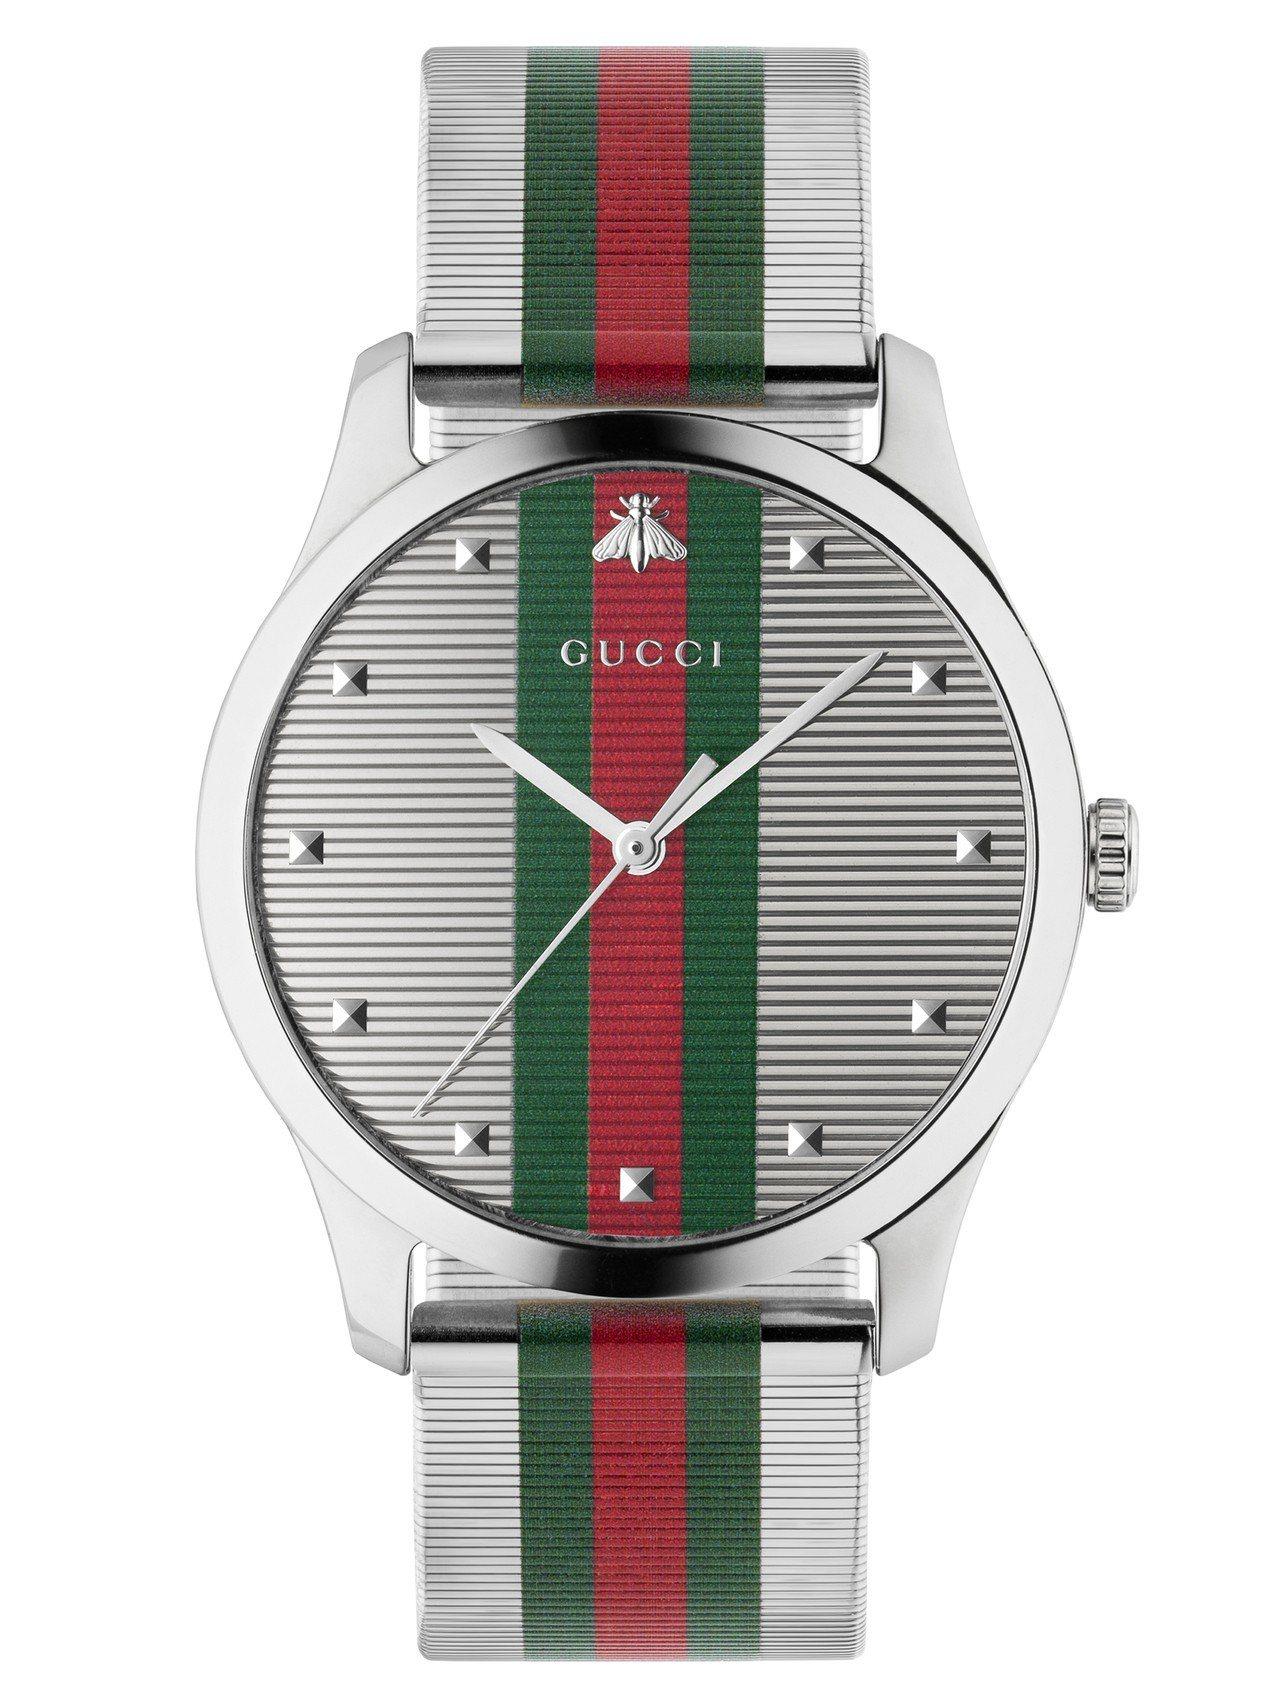 G-Timeless- 42毫米自動上鍊腕表,不鏽鋼表殼、不鏽鋼織網表面及表帶裝...